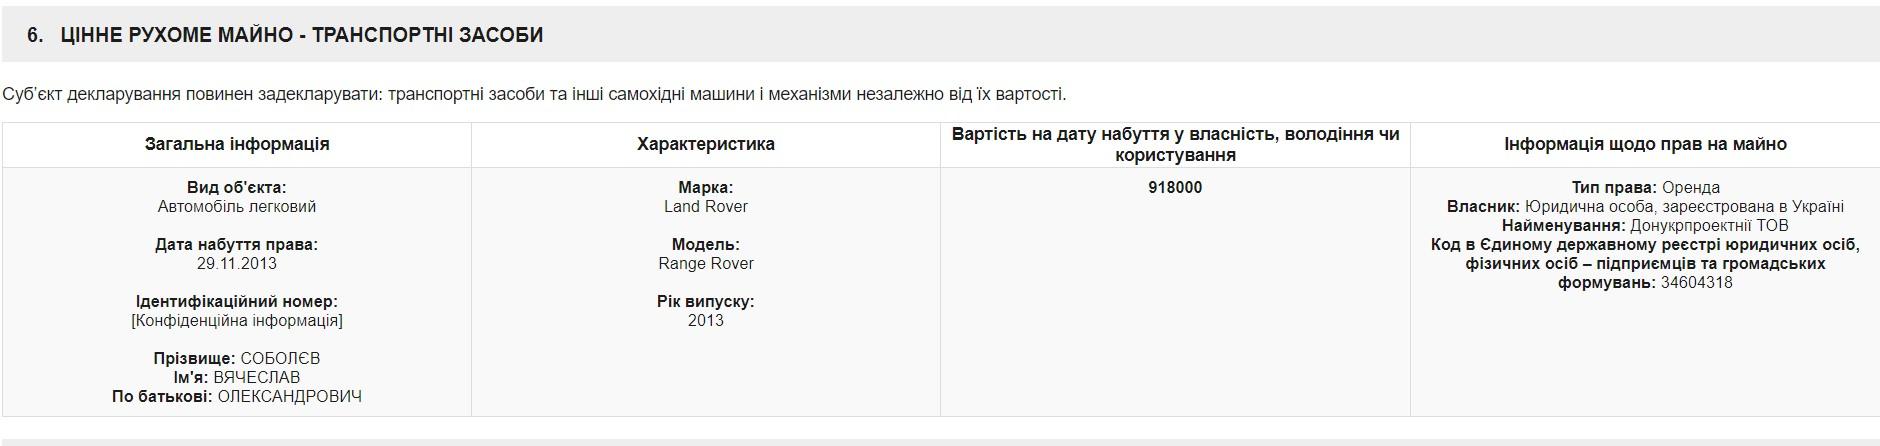 """Range Rover, за рулем которого находился Соболев в момент случившегося, он арендует у компании """"Донукпроектнії"""""""